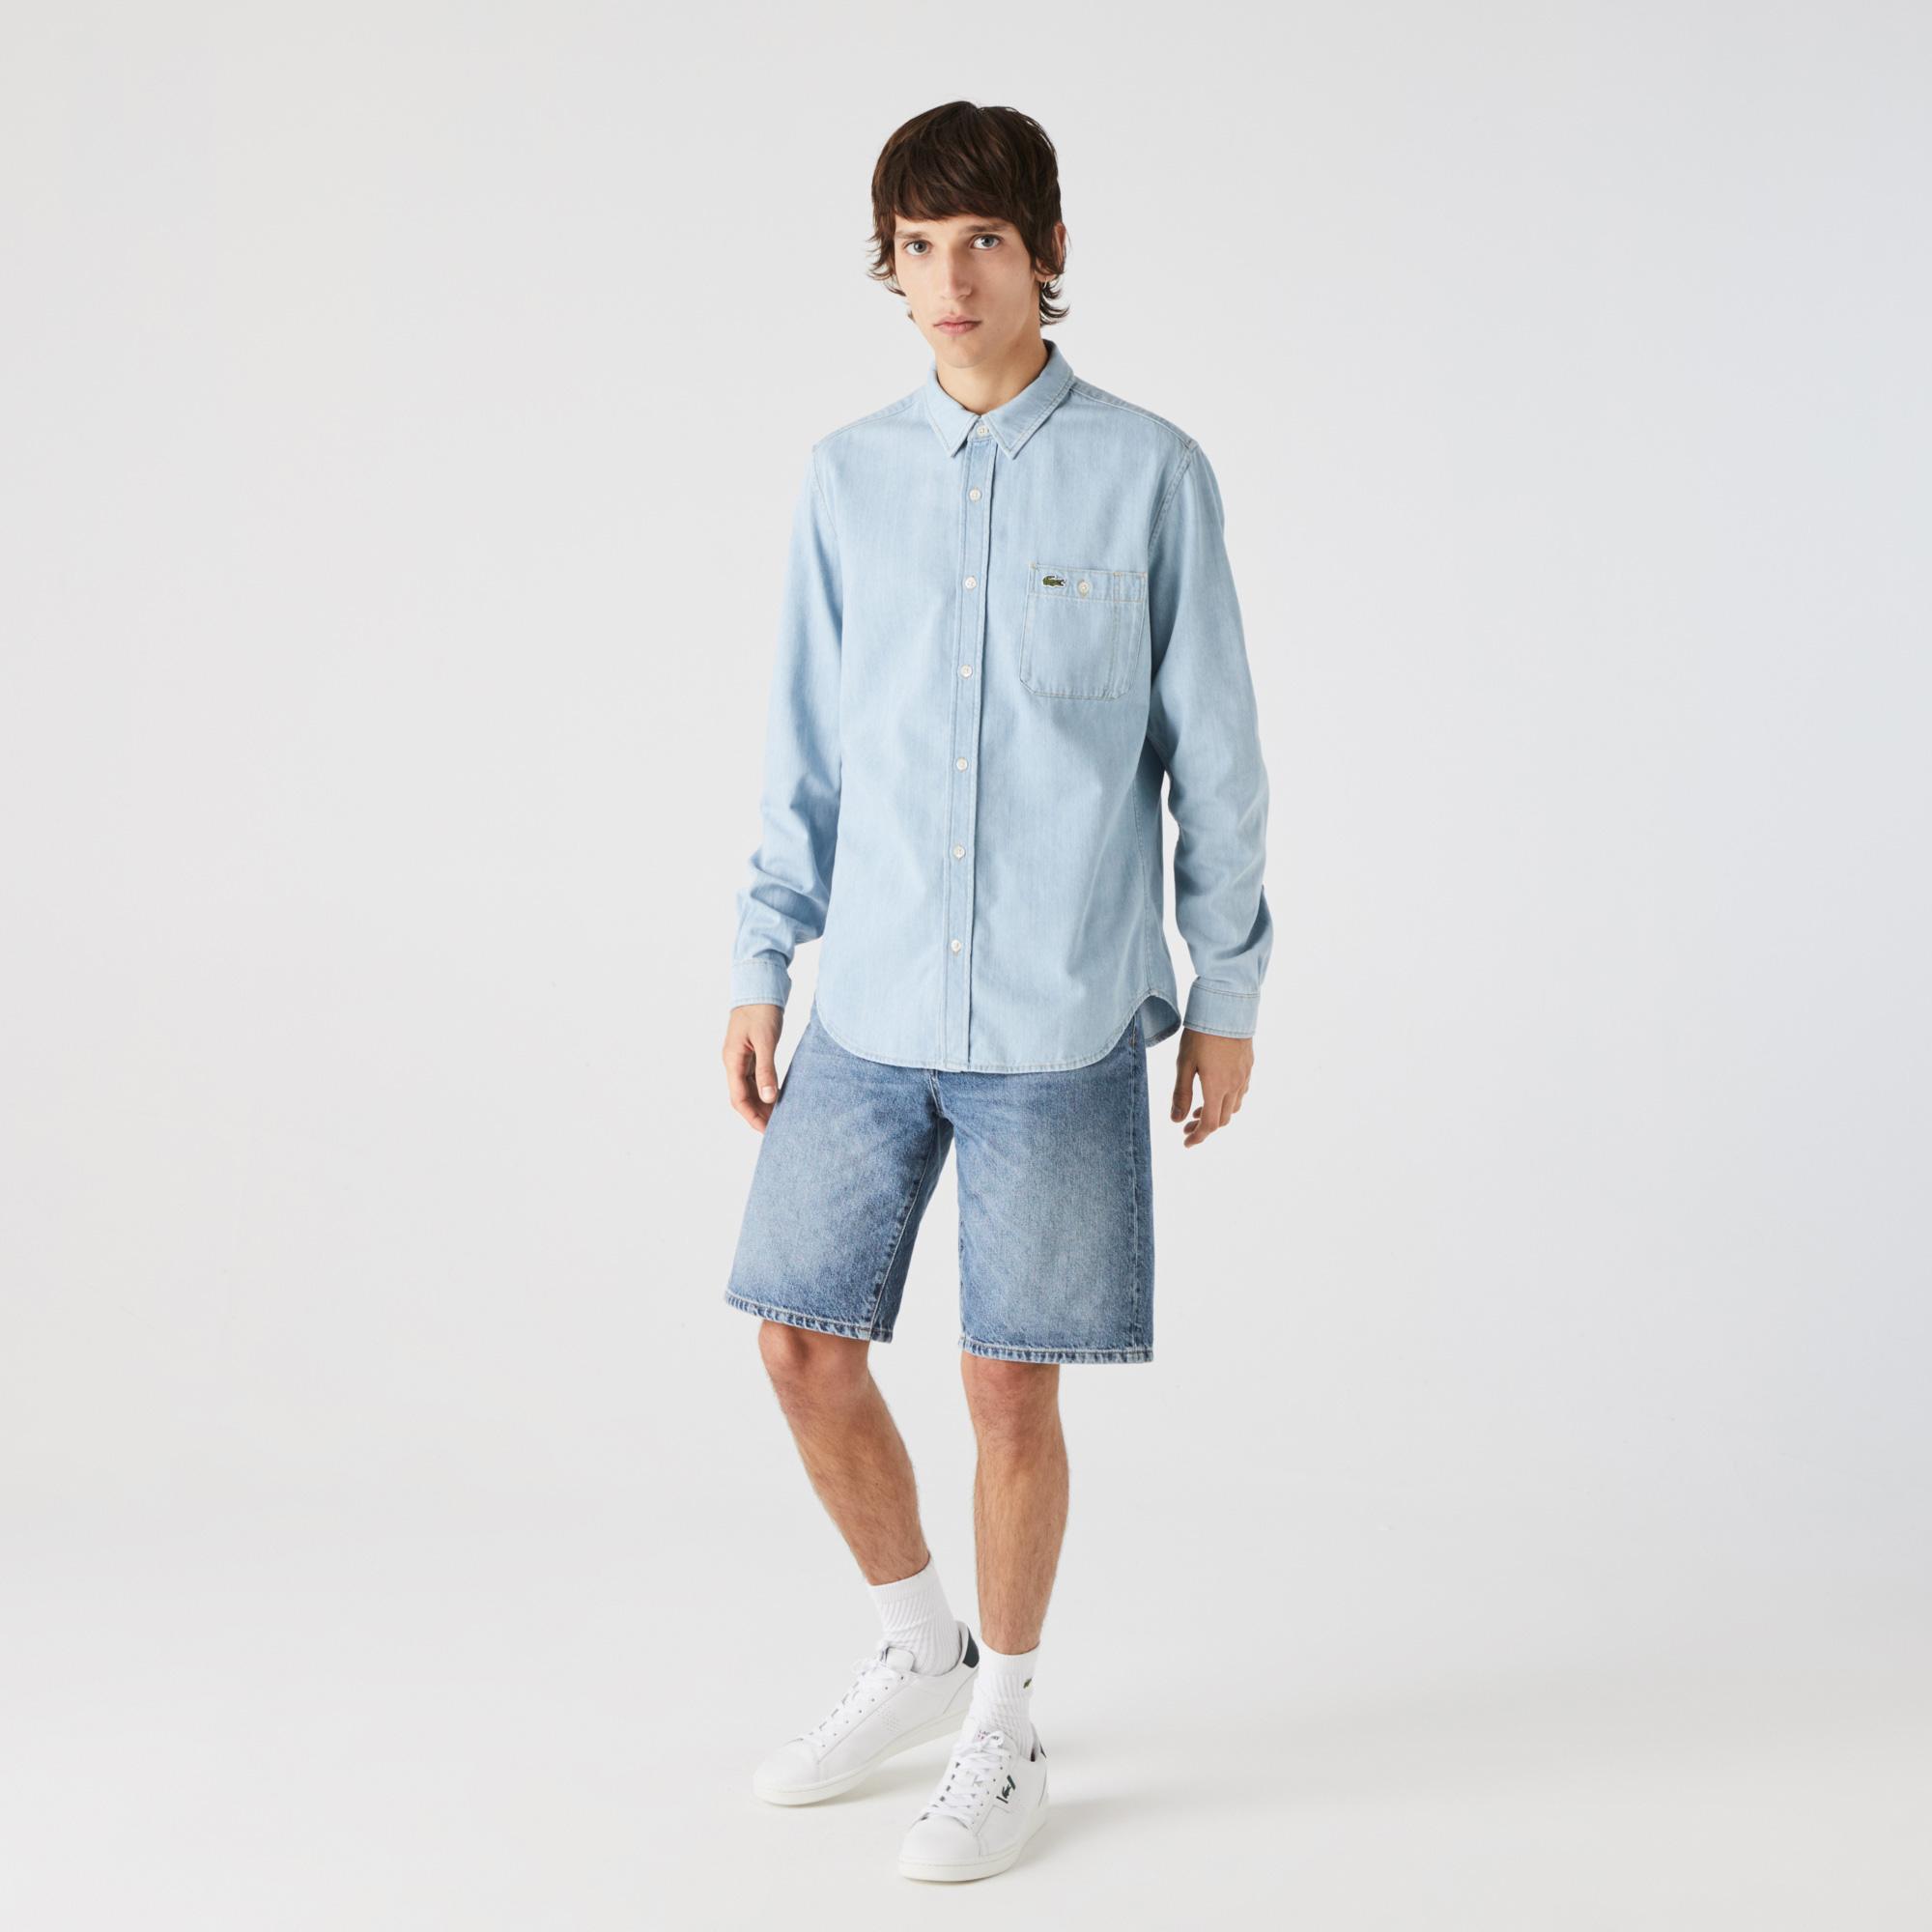 Lacoste Erkek Regular Fit Açık Denim Gömlek